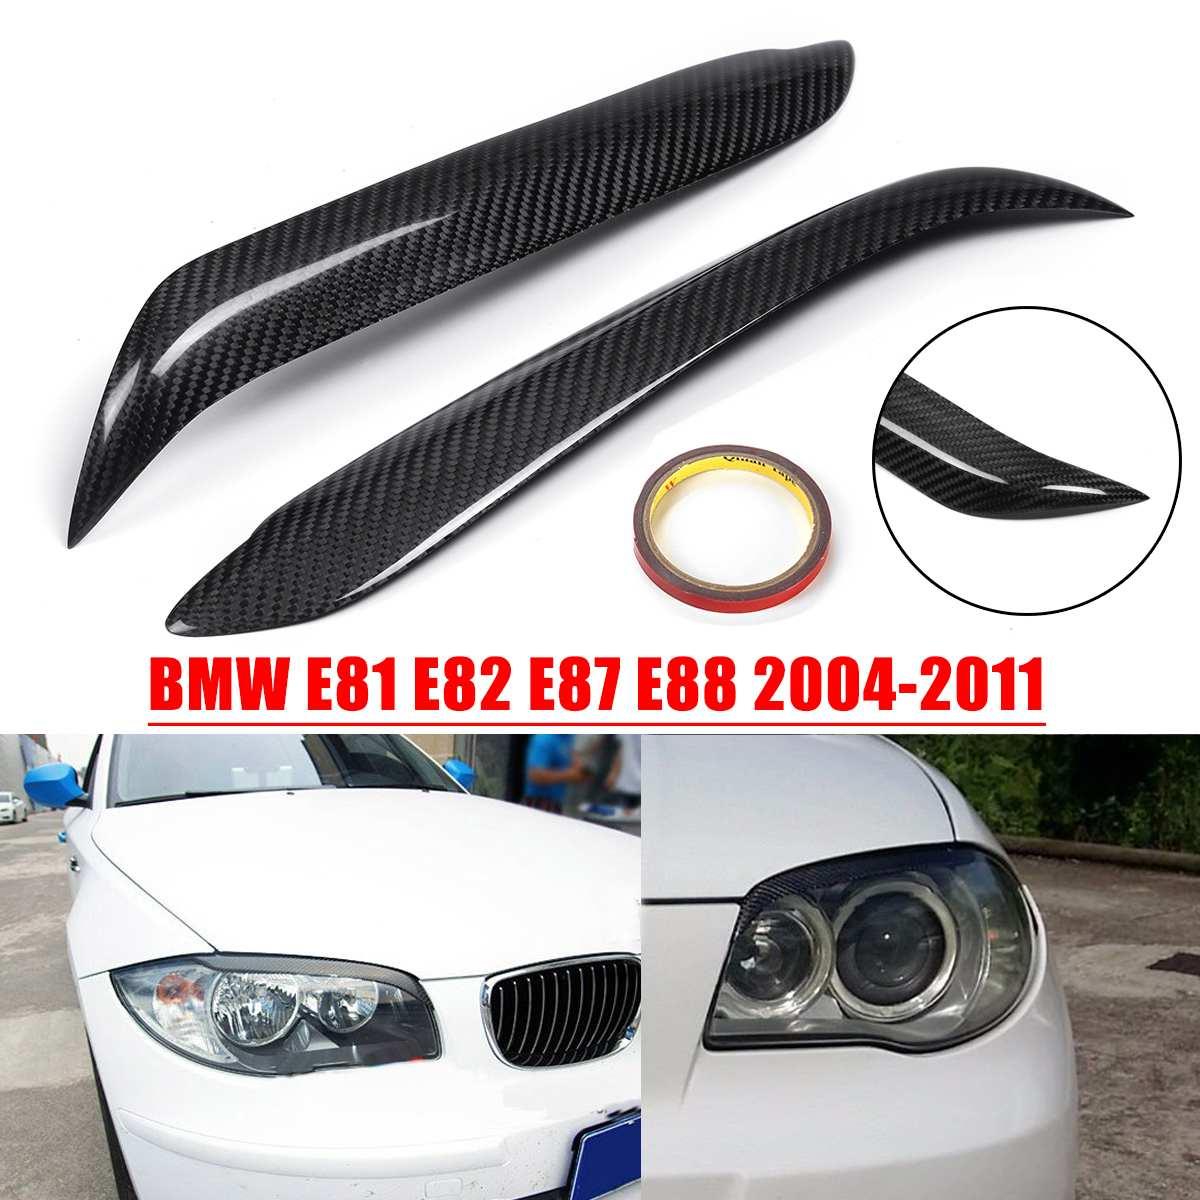 Pair Car Carbon Fiber Headlight Eyebrow Cover Trim Head Lamp Eyelid Sticker For BMW E87 E81 E82 E88